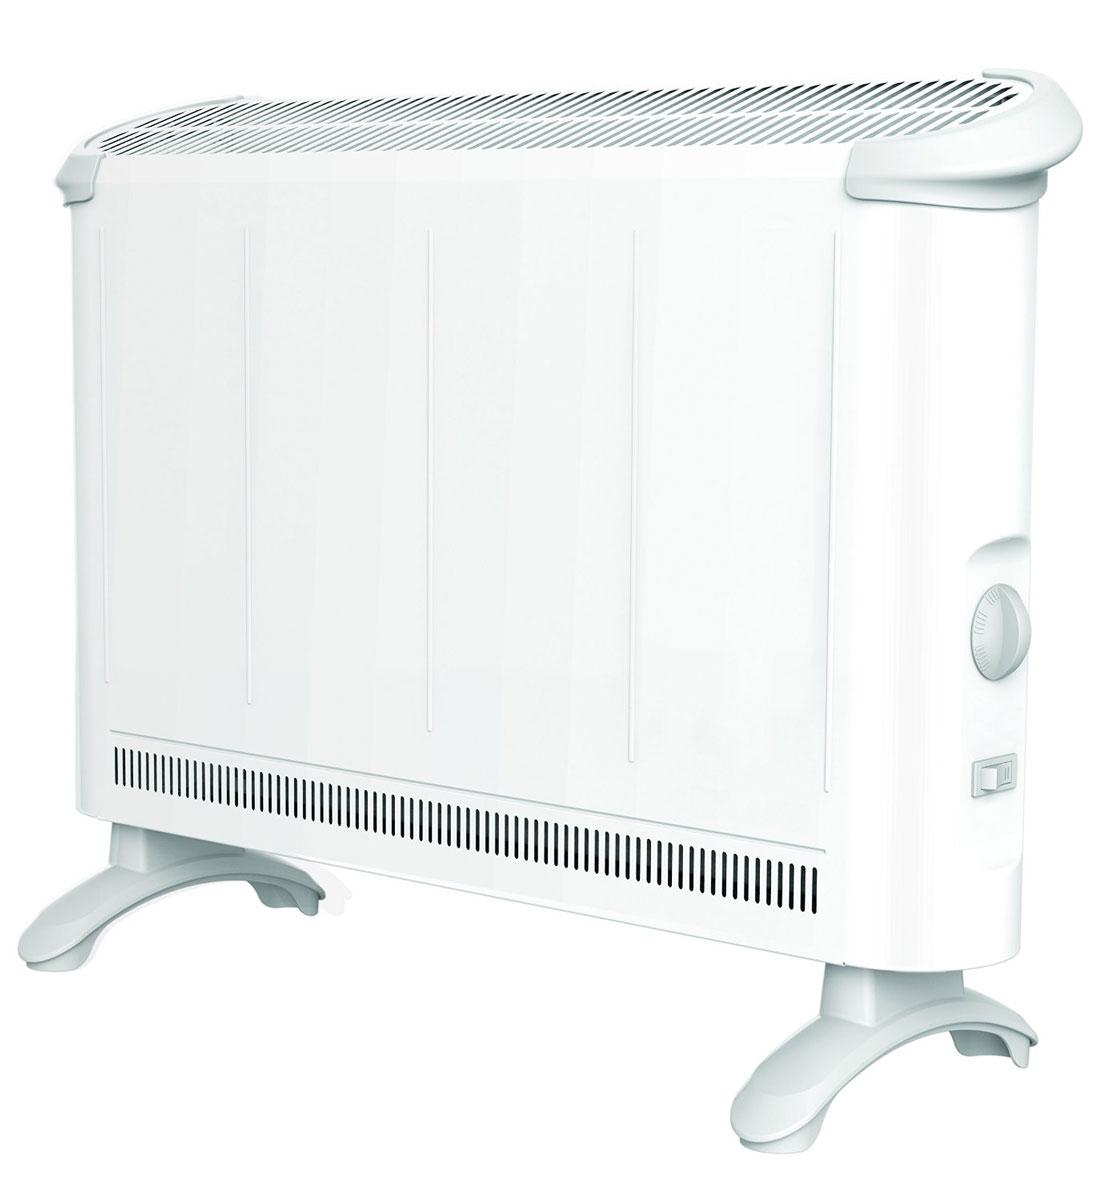 EWT Clima 280 TS, White конвекторClima 280 TSКонвектор EWT Clima 280 TS идеально подходит для переходного периода осенью и весной или в качестве полного отопления для небольших жилых помещений. Благодаря своей мобильности его с легкостью можно установить практически везде - достаточно всего лишь розетки. Бесшумно проходящий вверх через нагревательные элементы воздух быстро и равномерно нагревает помещения. Экономичная рециркуляция тепла больших объемов создает приятный и сбалансированный климат уюта.